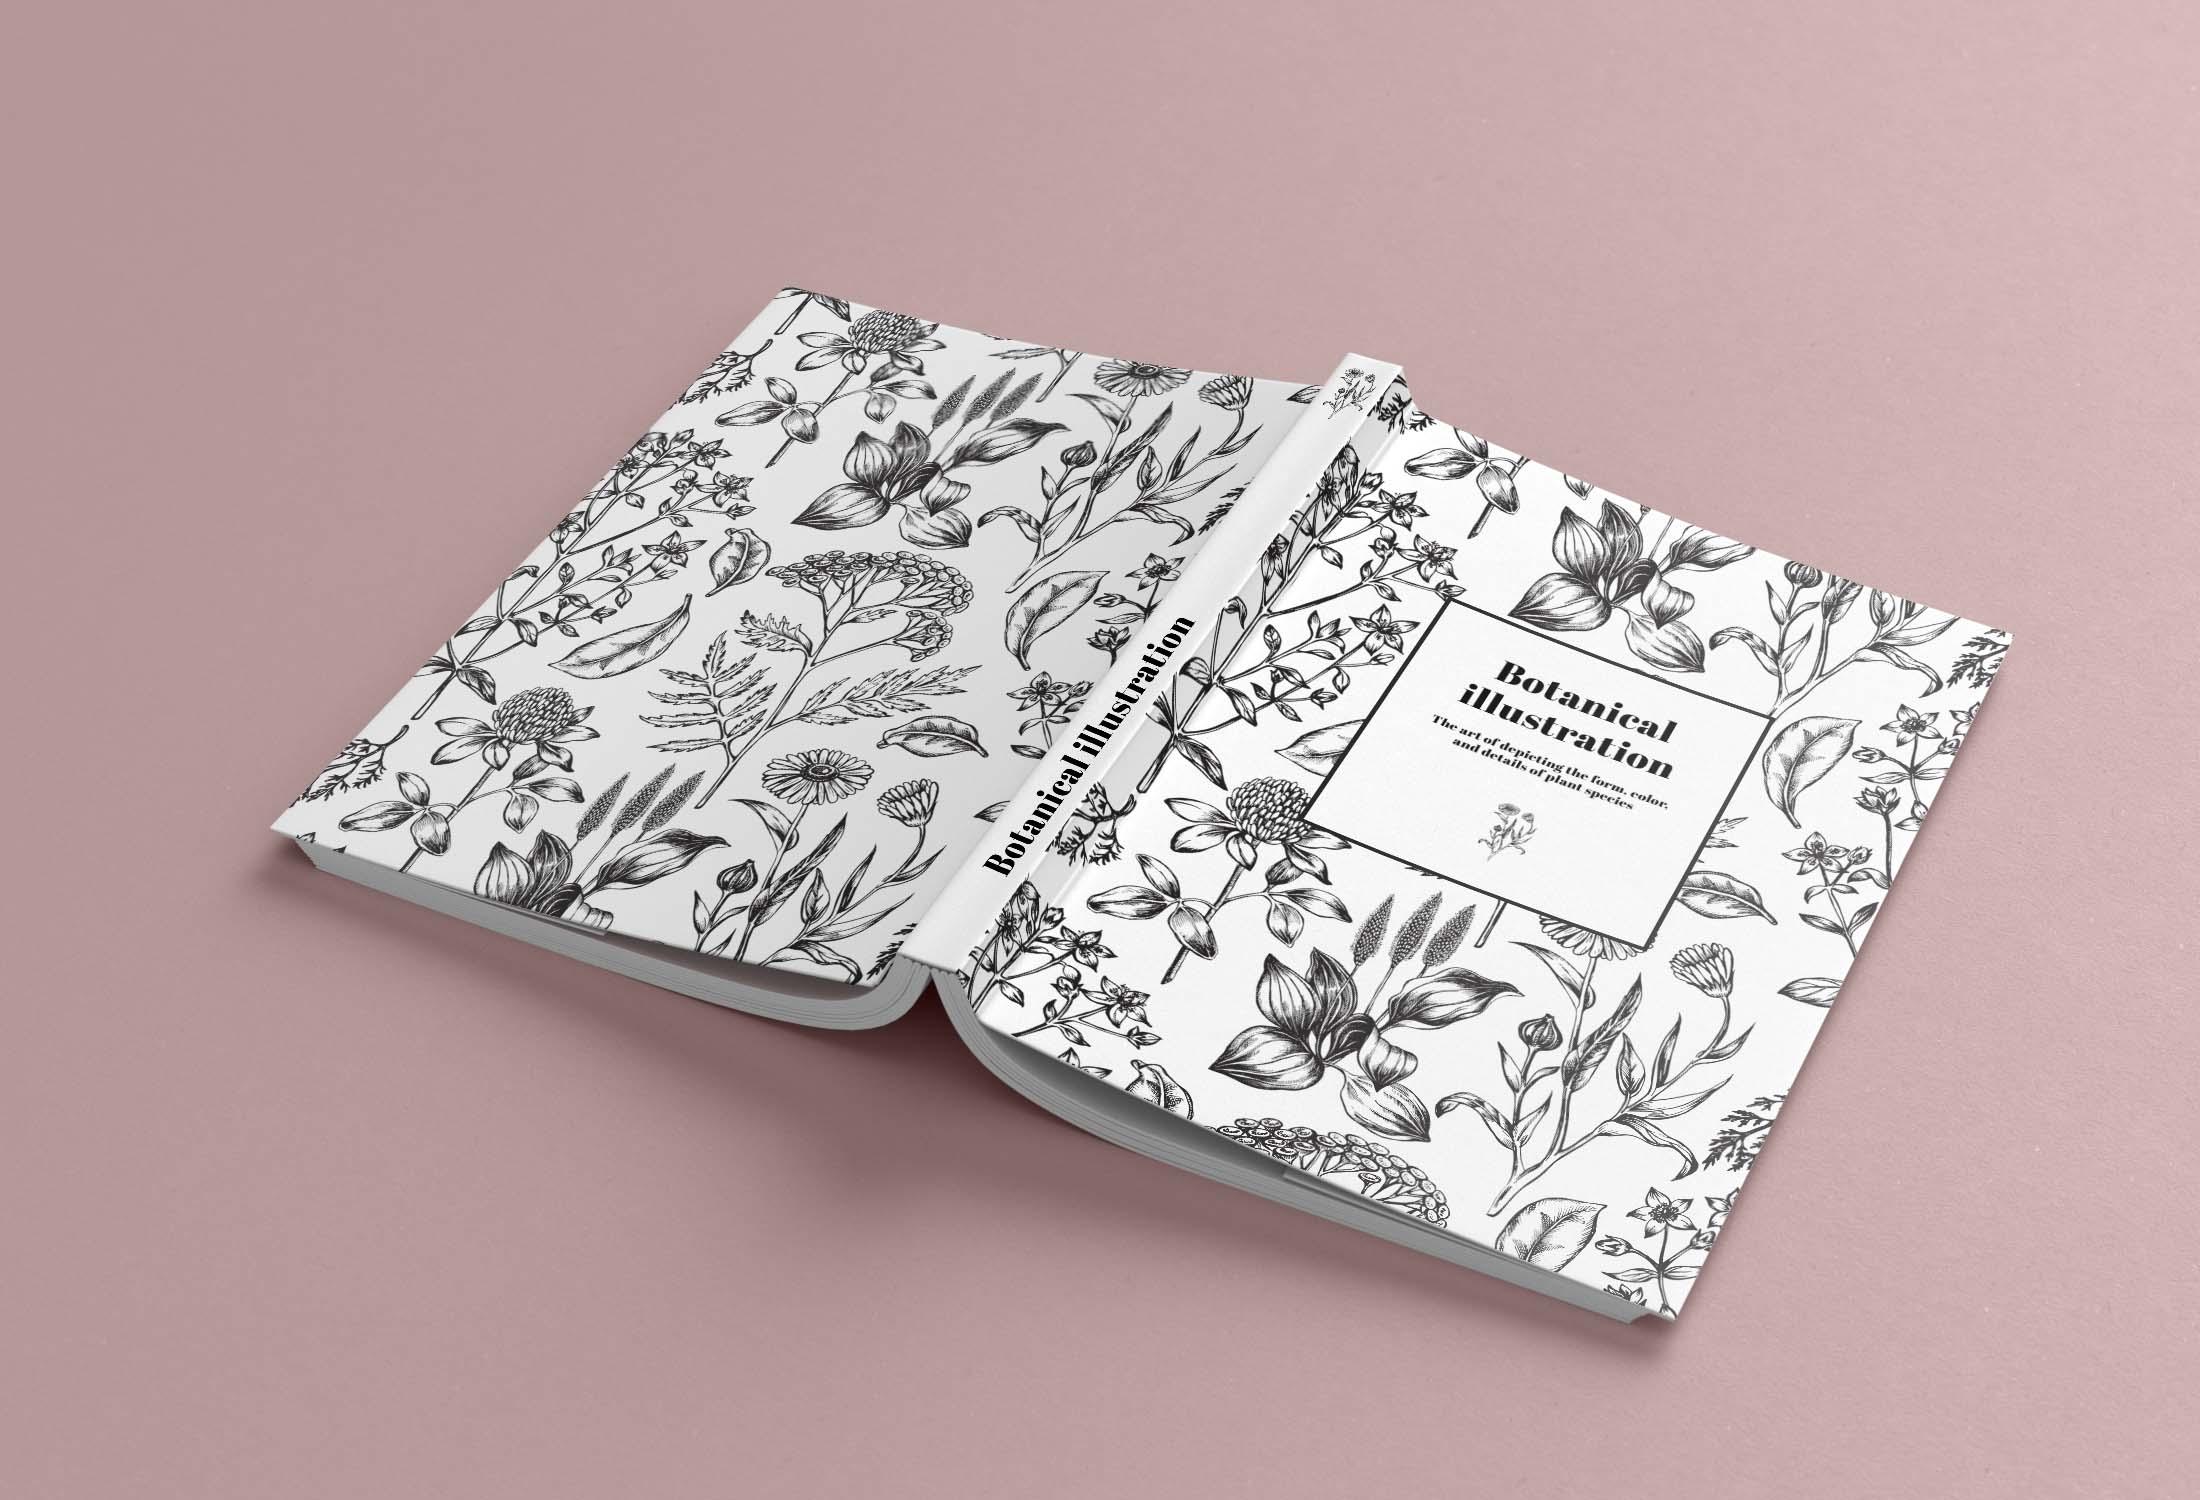 Brossura filo refe aperta rilegata con copertina morbida